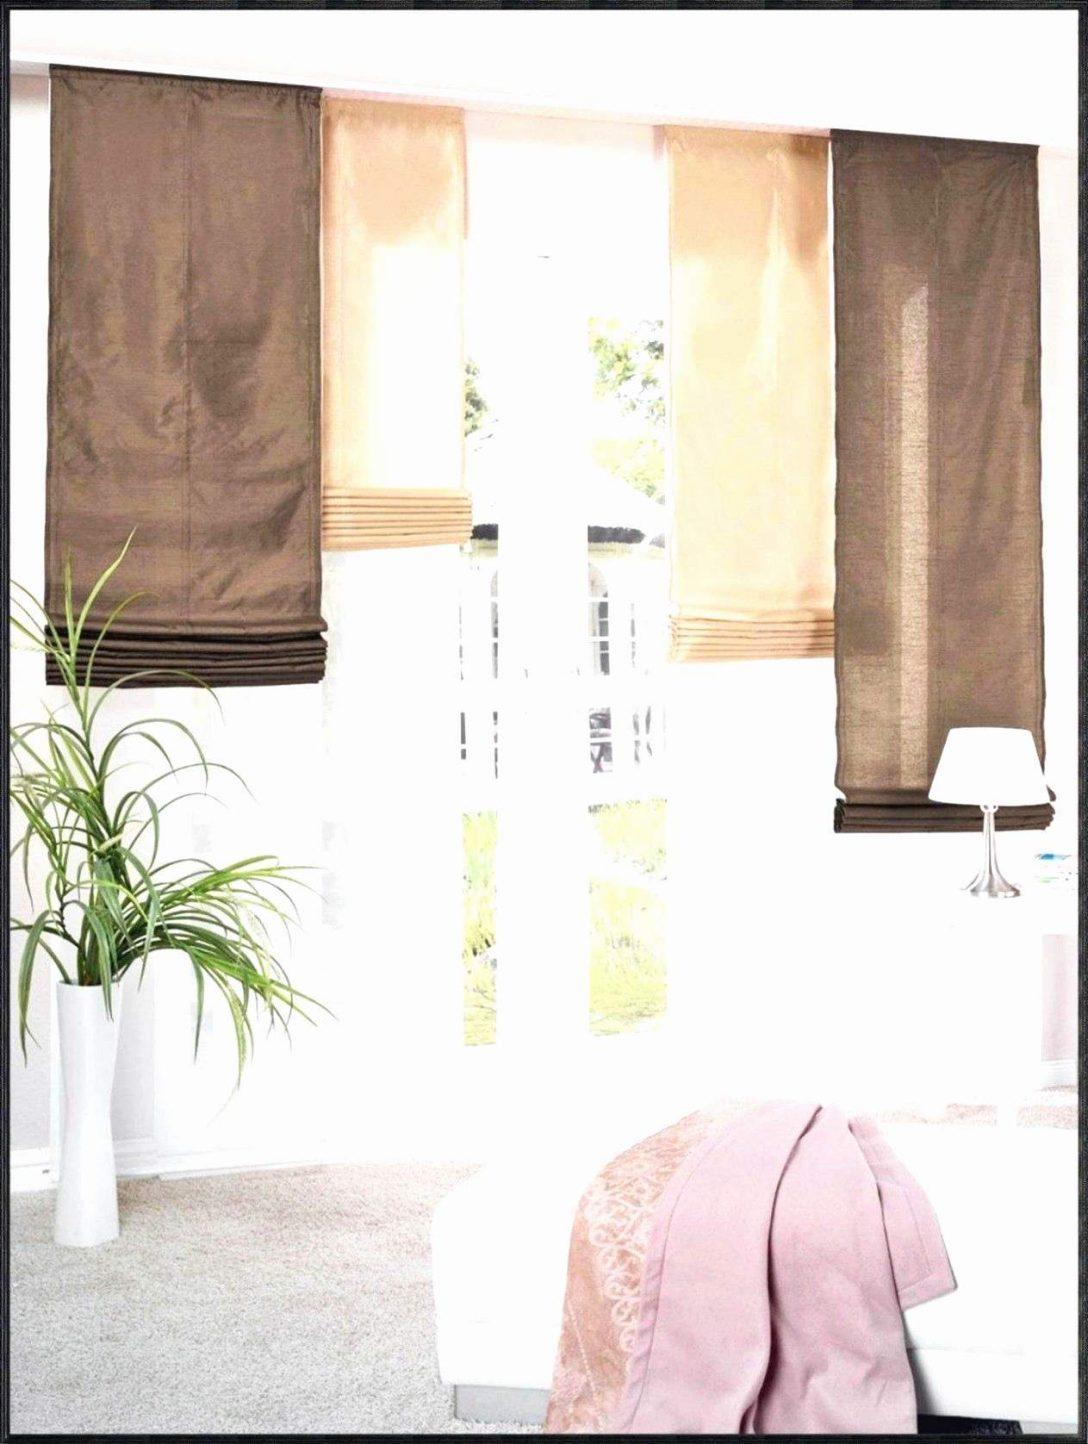 Large Size of Gardinen Ikea Wohnzimmer Luxus 40 Elegant Vorhang Küche Wasserhahn Nolte Sideboard Kleine Einrichten Industrial Billig Vorratsdosen Kosten Eckschrank Wohnzimmer Gardinen Küche Ikea